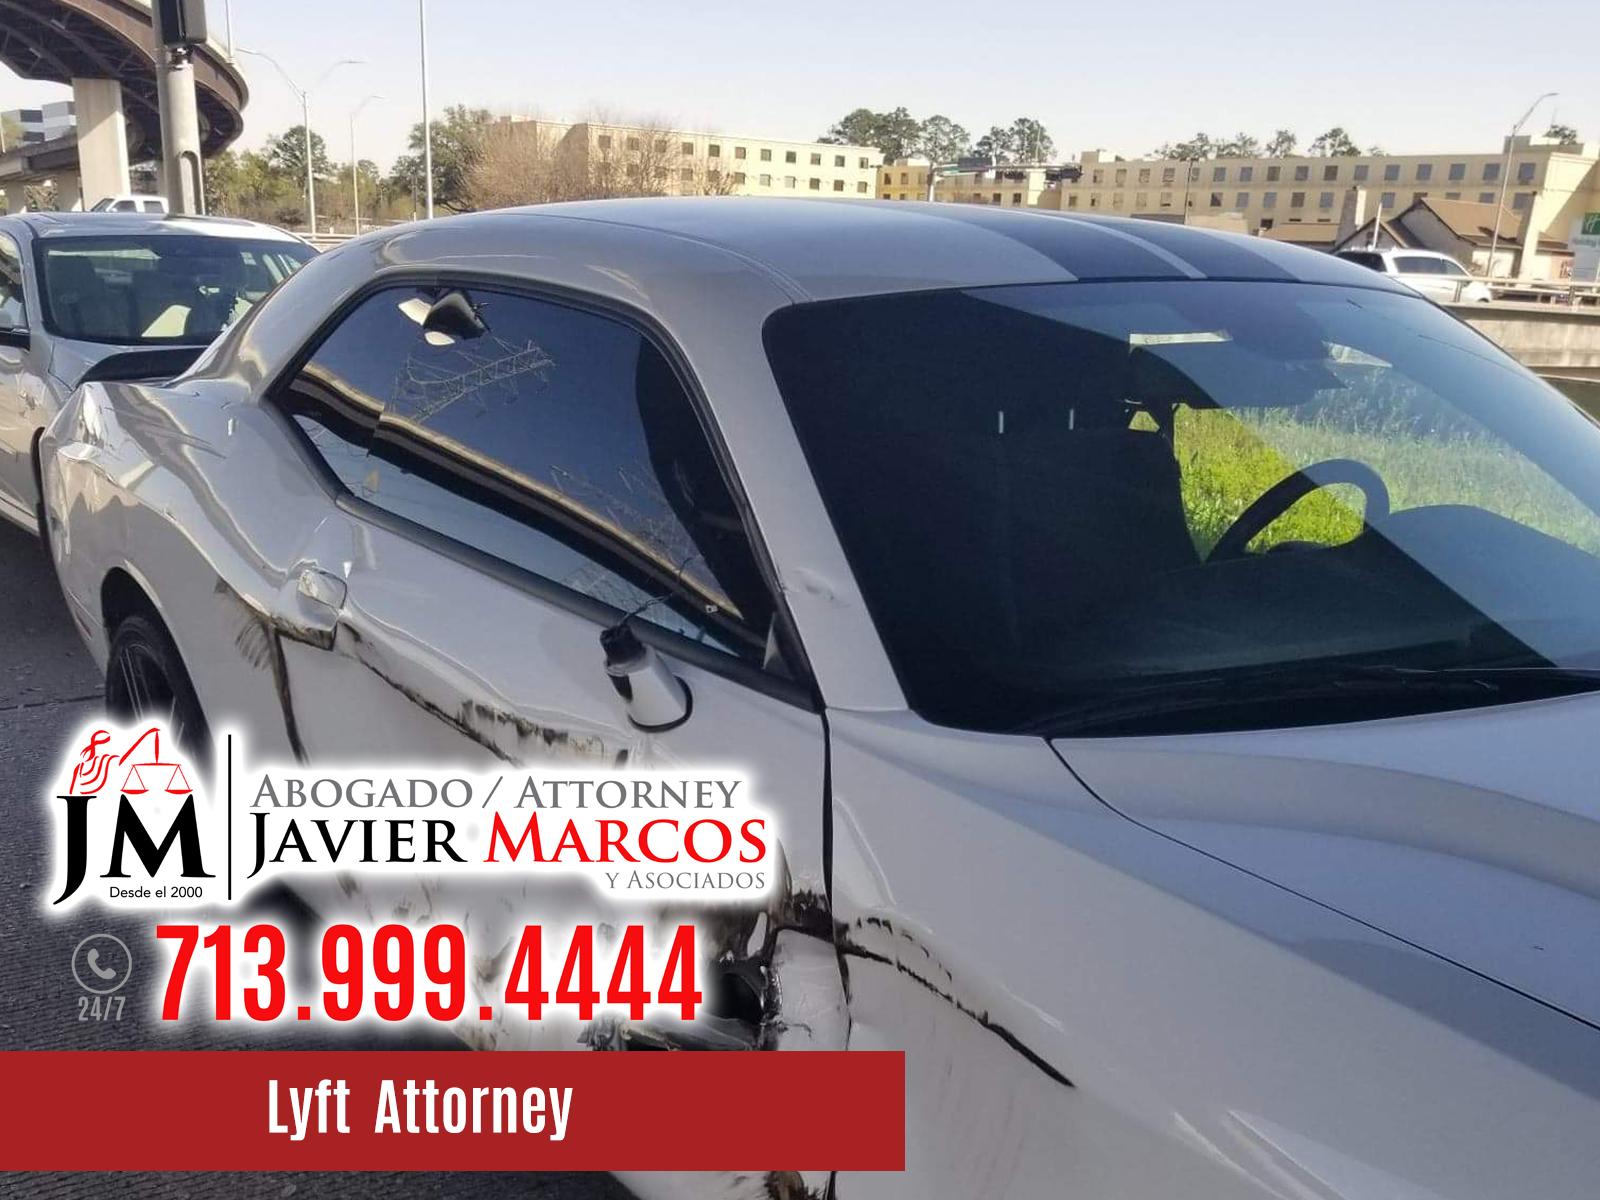 Lyft Attorney | Attorney Javier Marcos | 713.999.4444